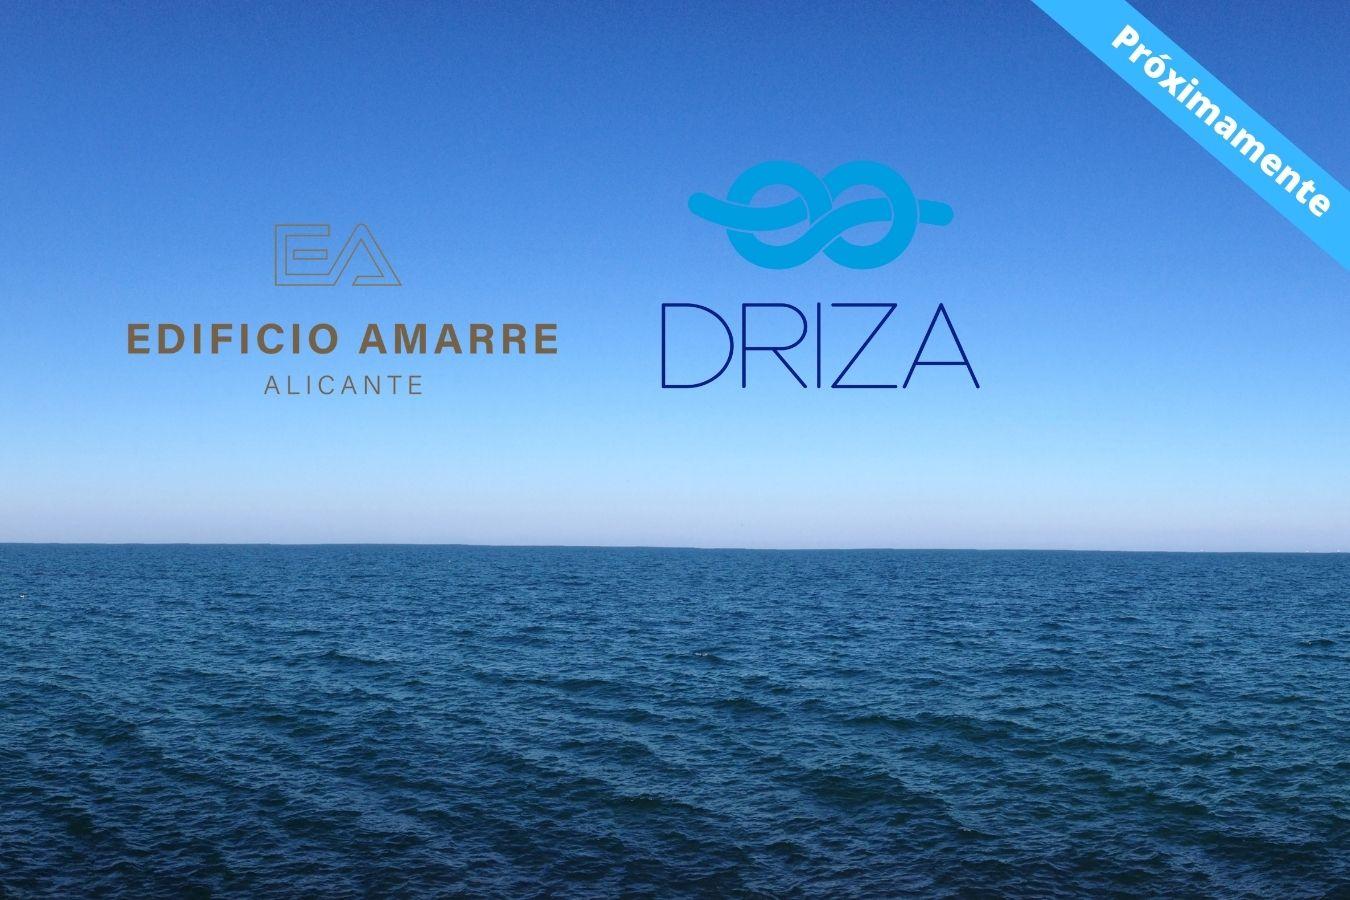 Lanzamos dos nuevas promociones: Driza Residencial y Edificio Amarre